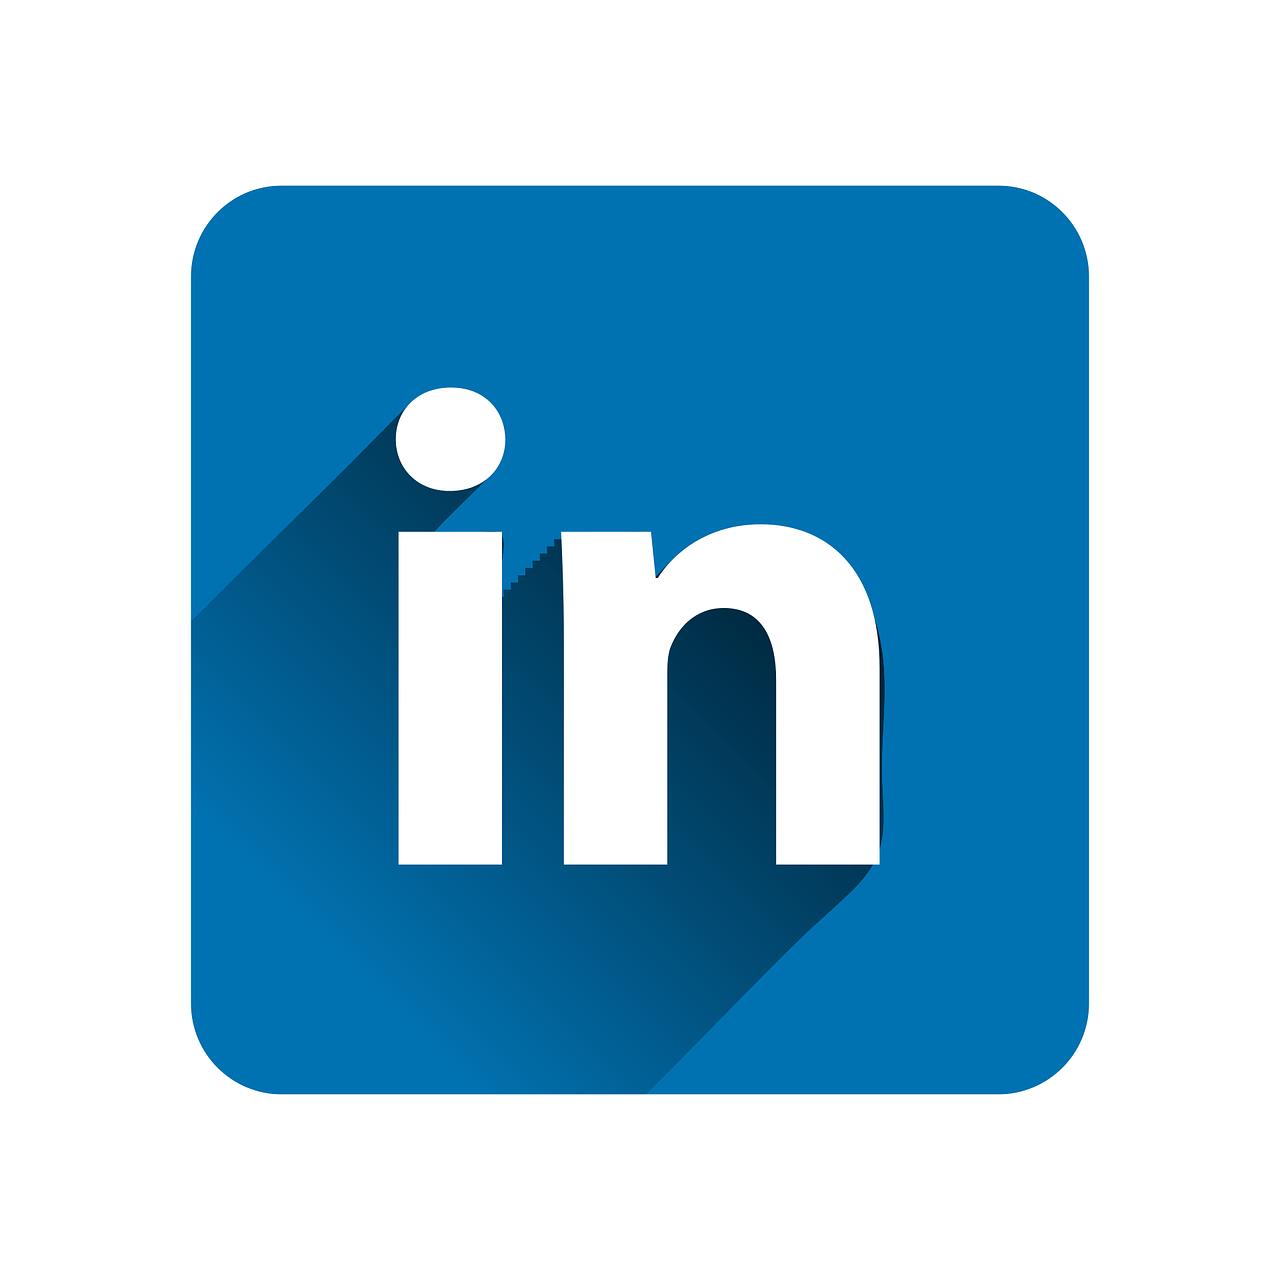 Siga a TRIFLUX no LinkedIn